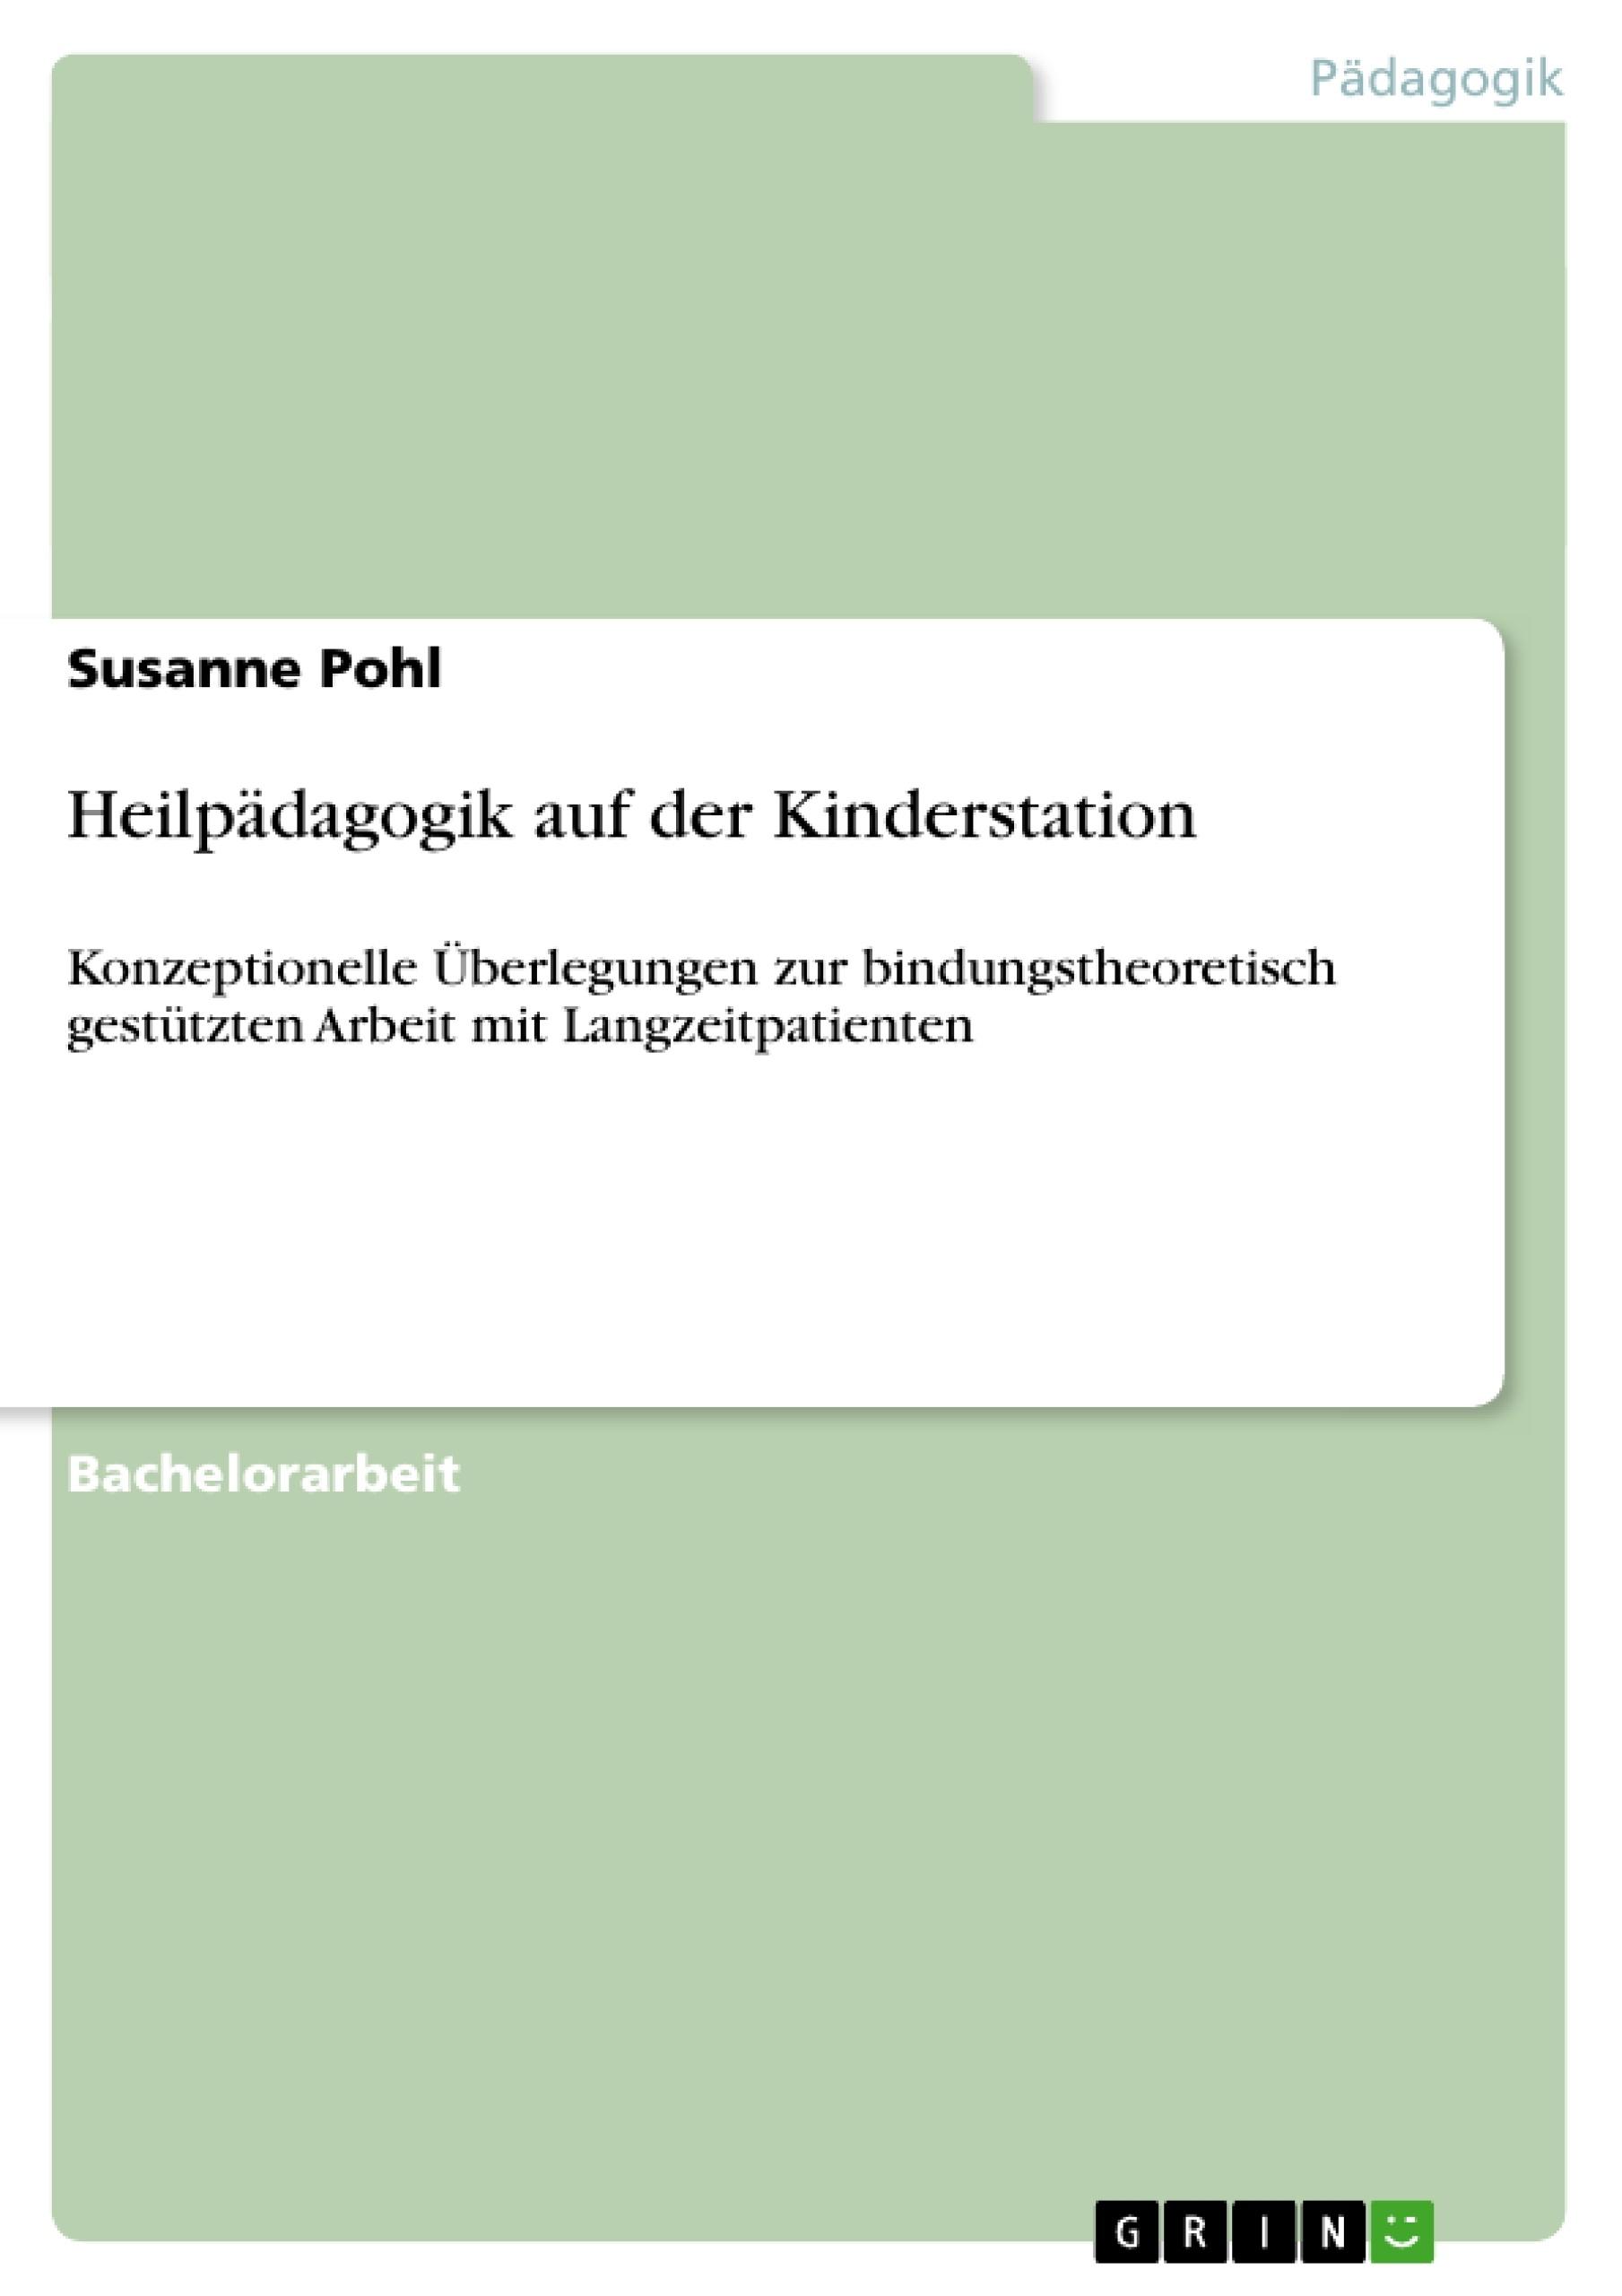 Titel: Heilpädagogik auf der Kinderstation